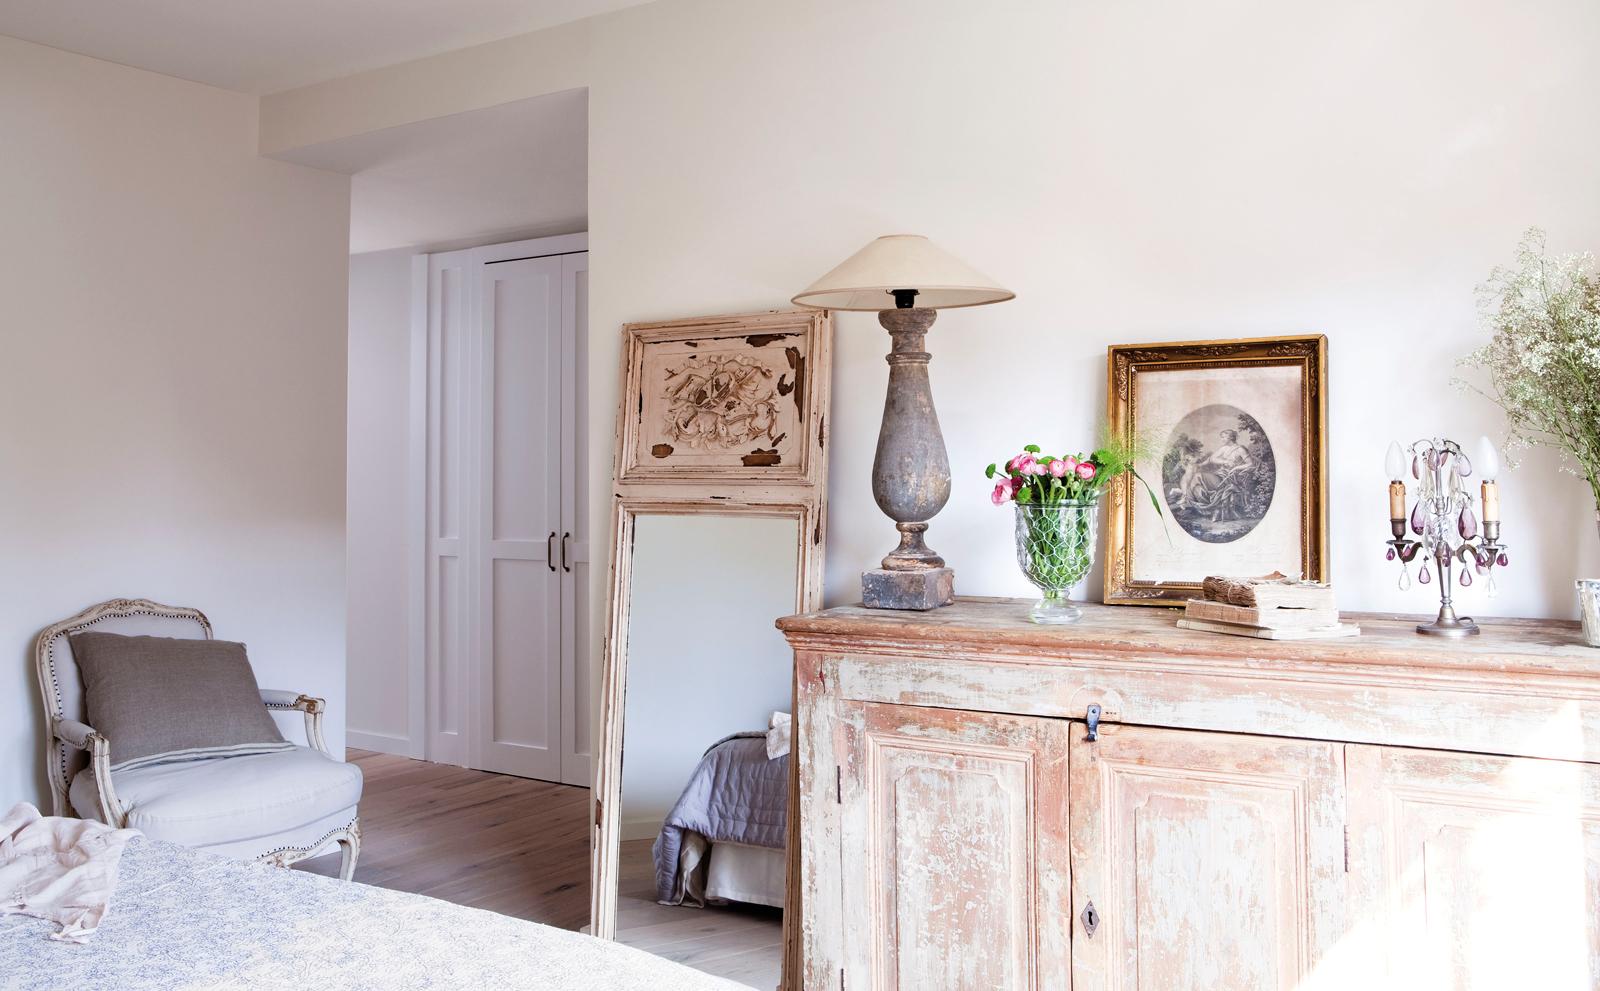 Reparar muebles de cocina best limpiar la zona a reparar - Oficios de ayer muebles ...